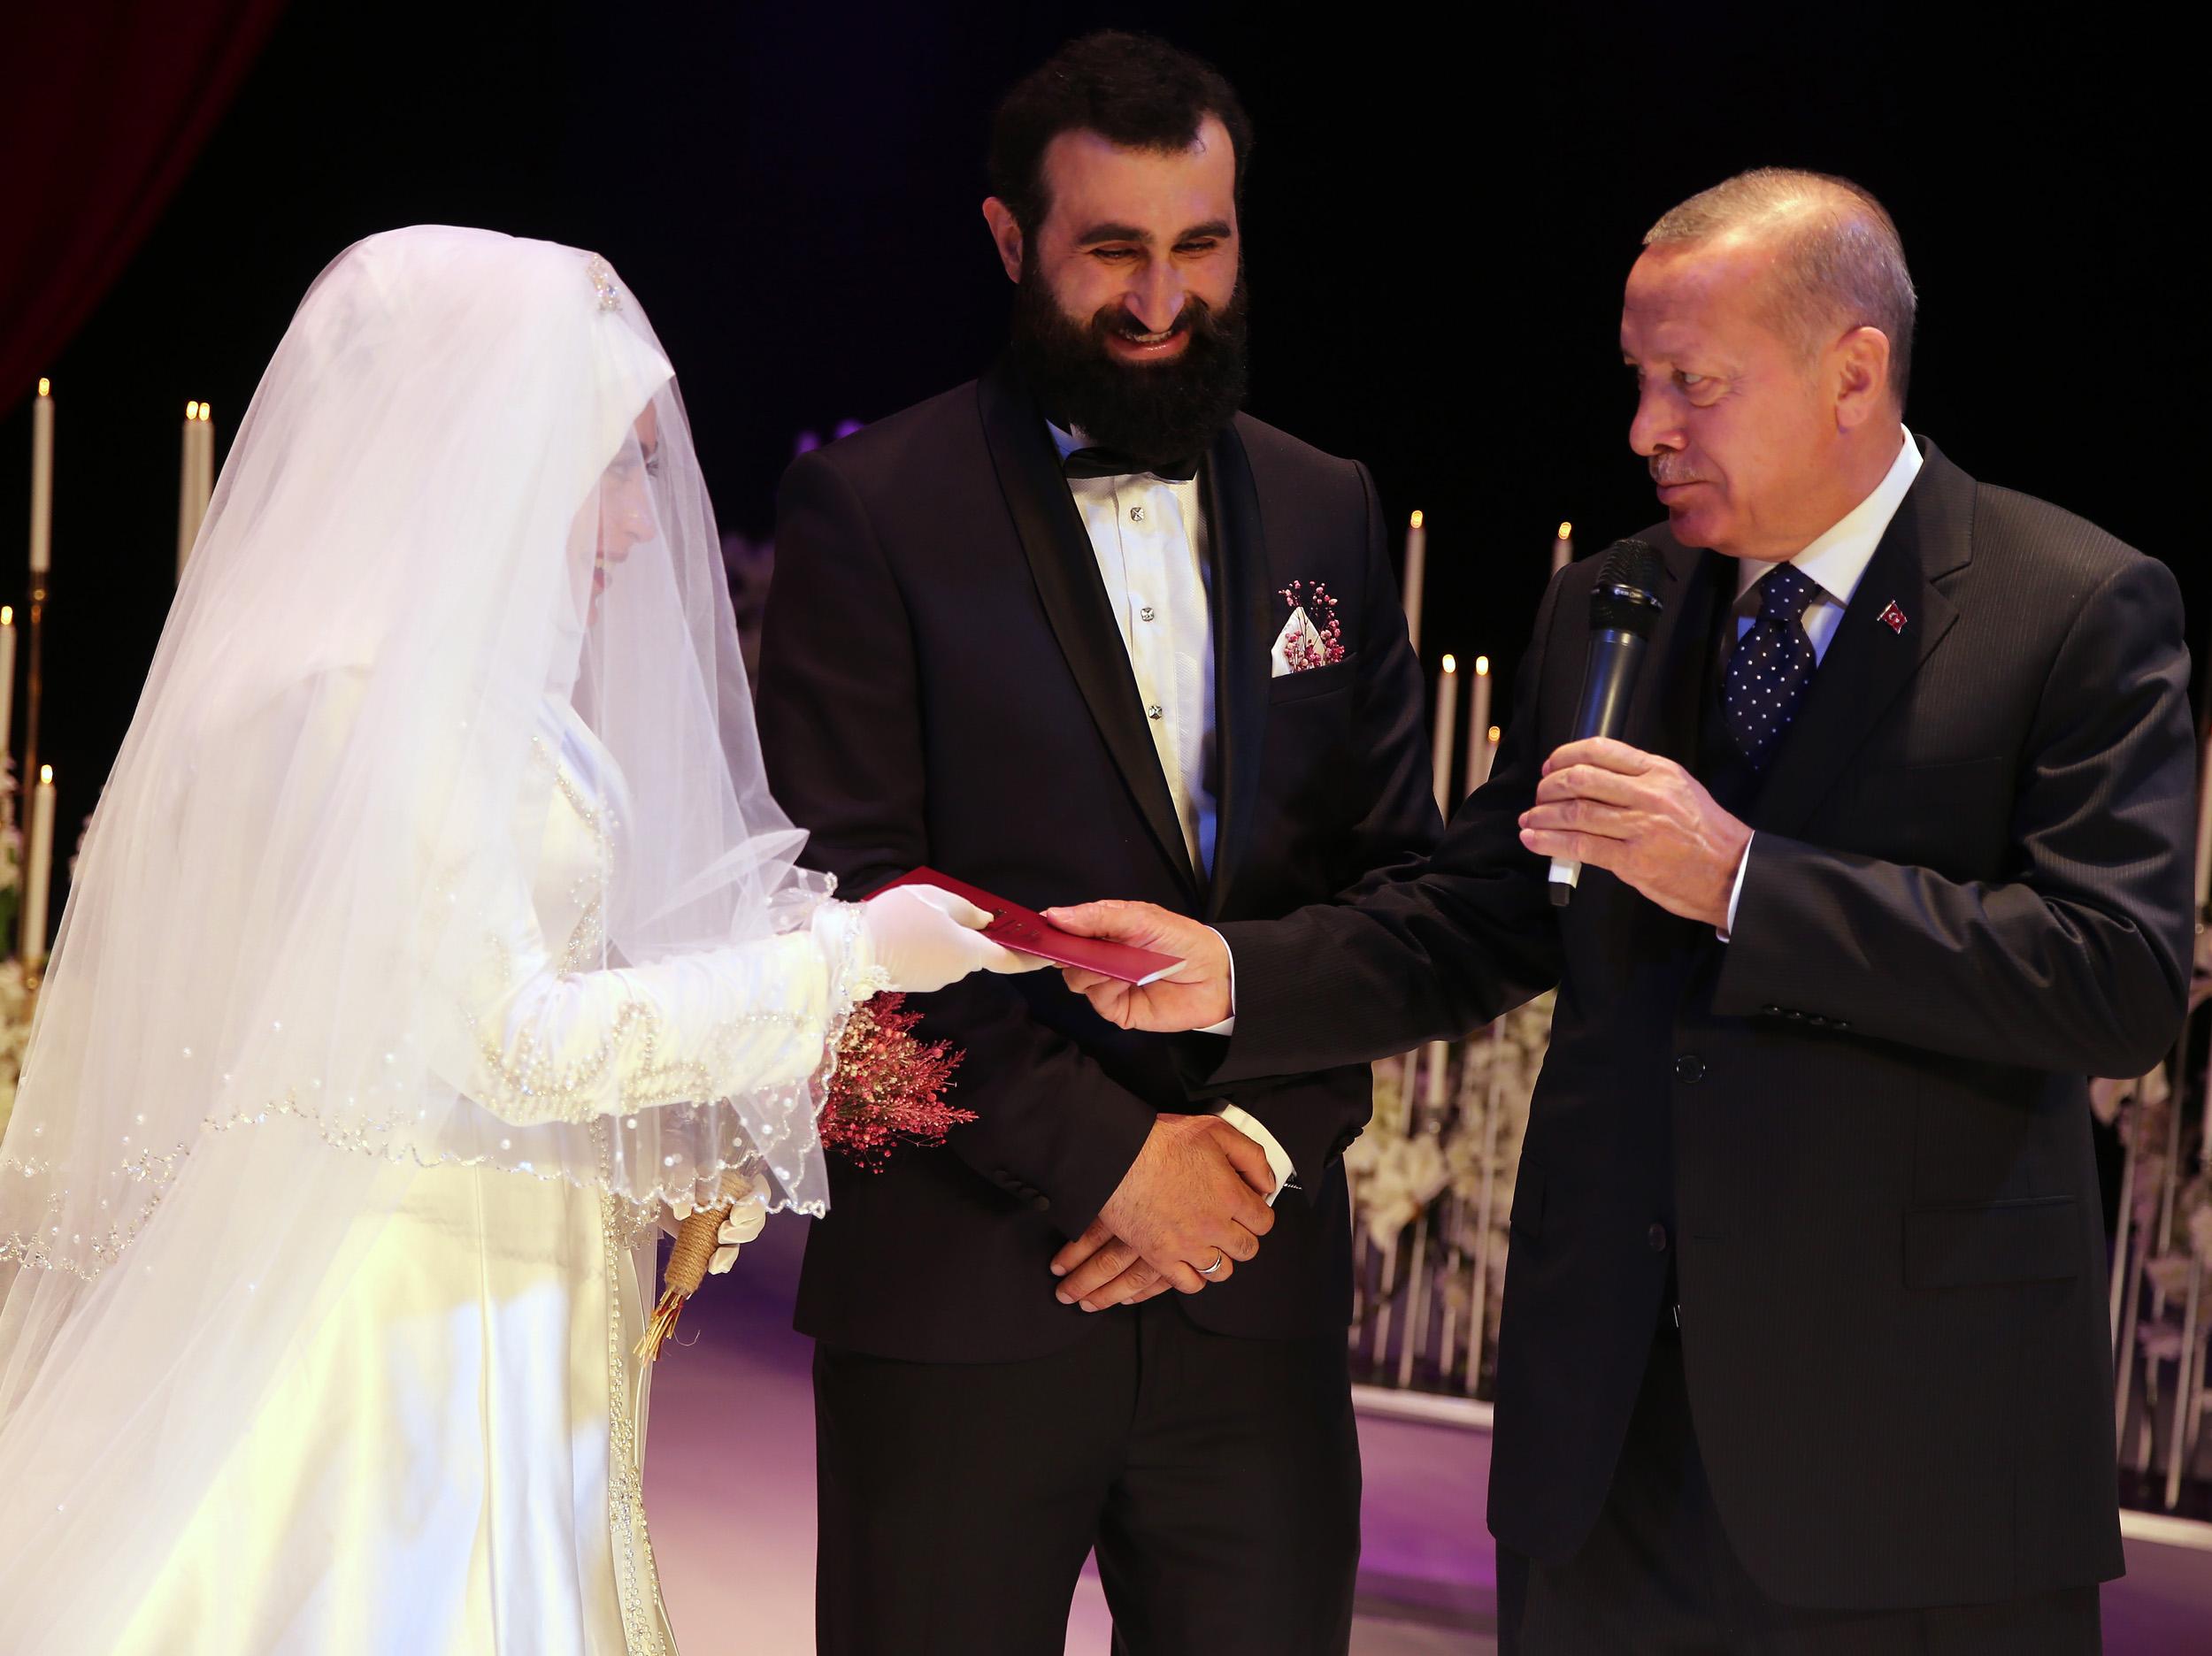 cumhurbaskani-erdogan-nikah-sahidi-oldu-3.jpg